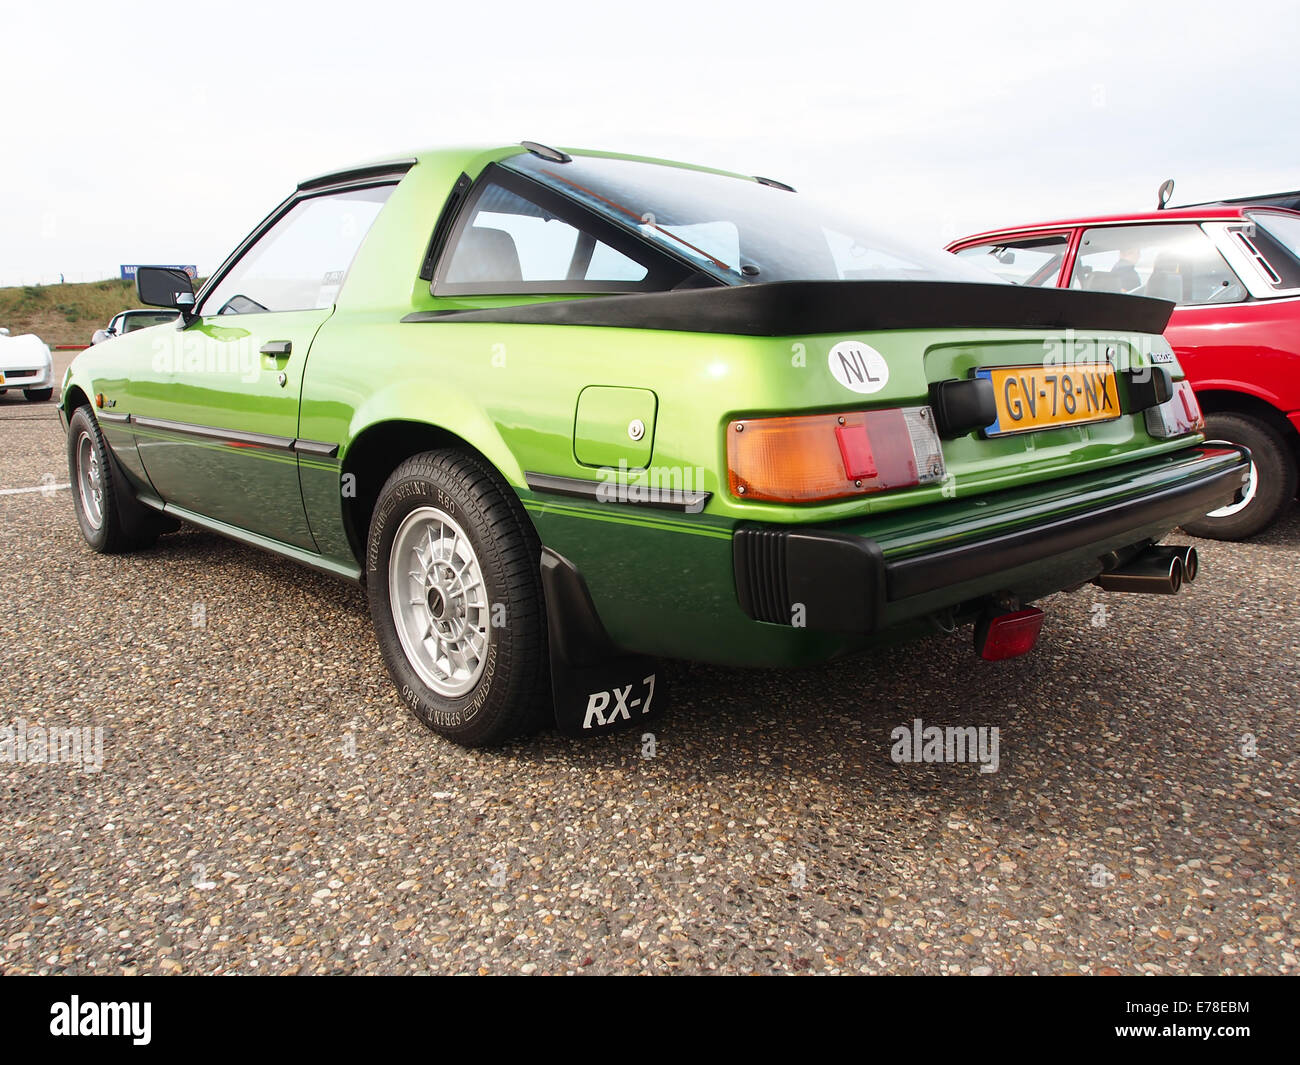 1981 MAZDA RX-7, licence GV-78-NX, pic2 - Stock Image